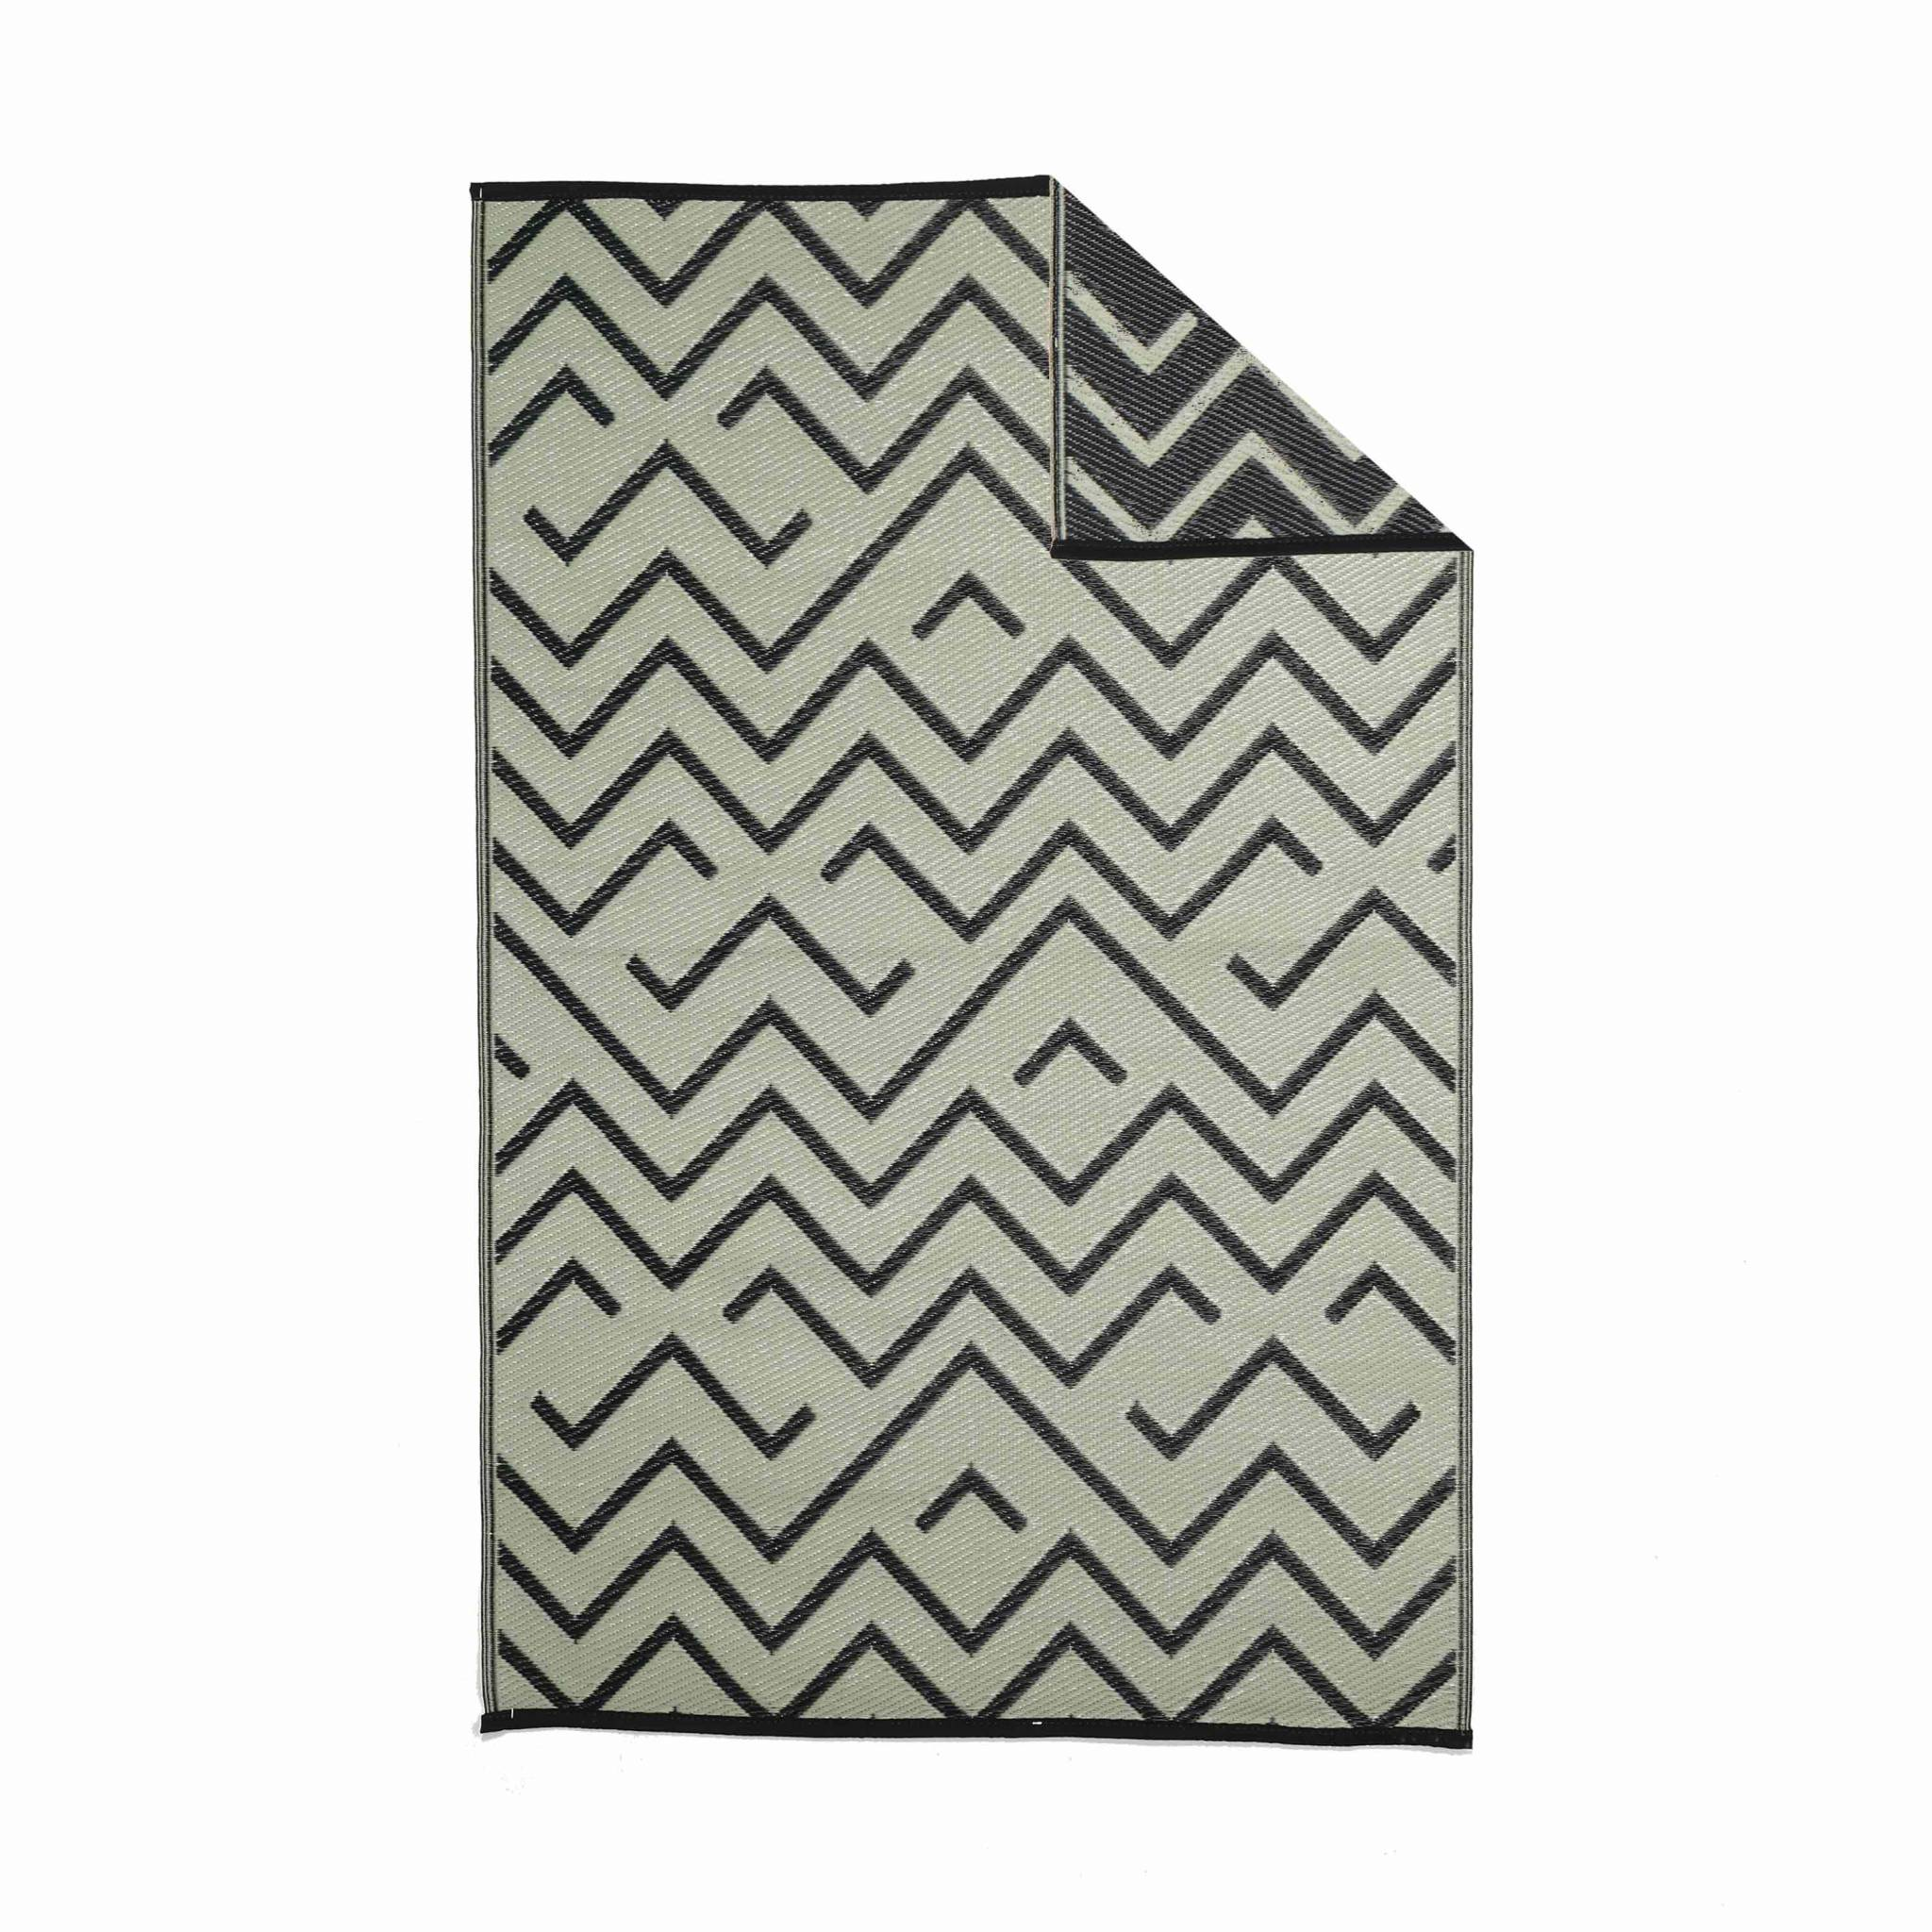 Tapis d'extérieur 120x180cm sydney - rectangulaire motif vagues noir